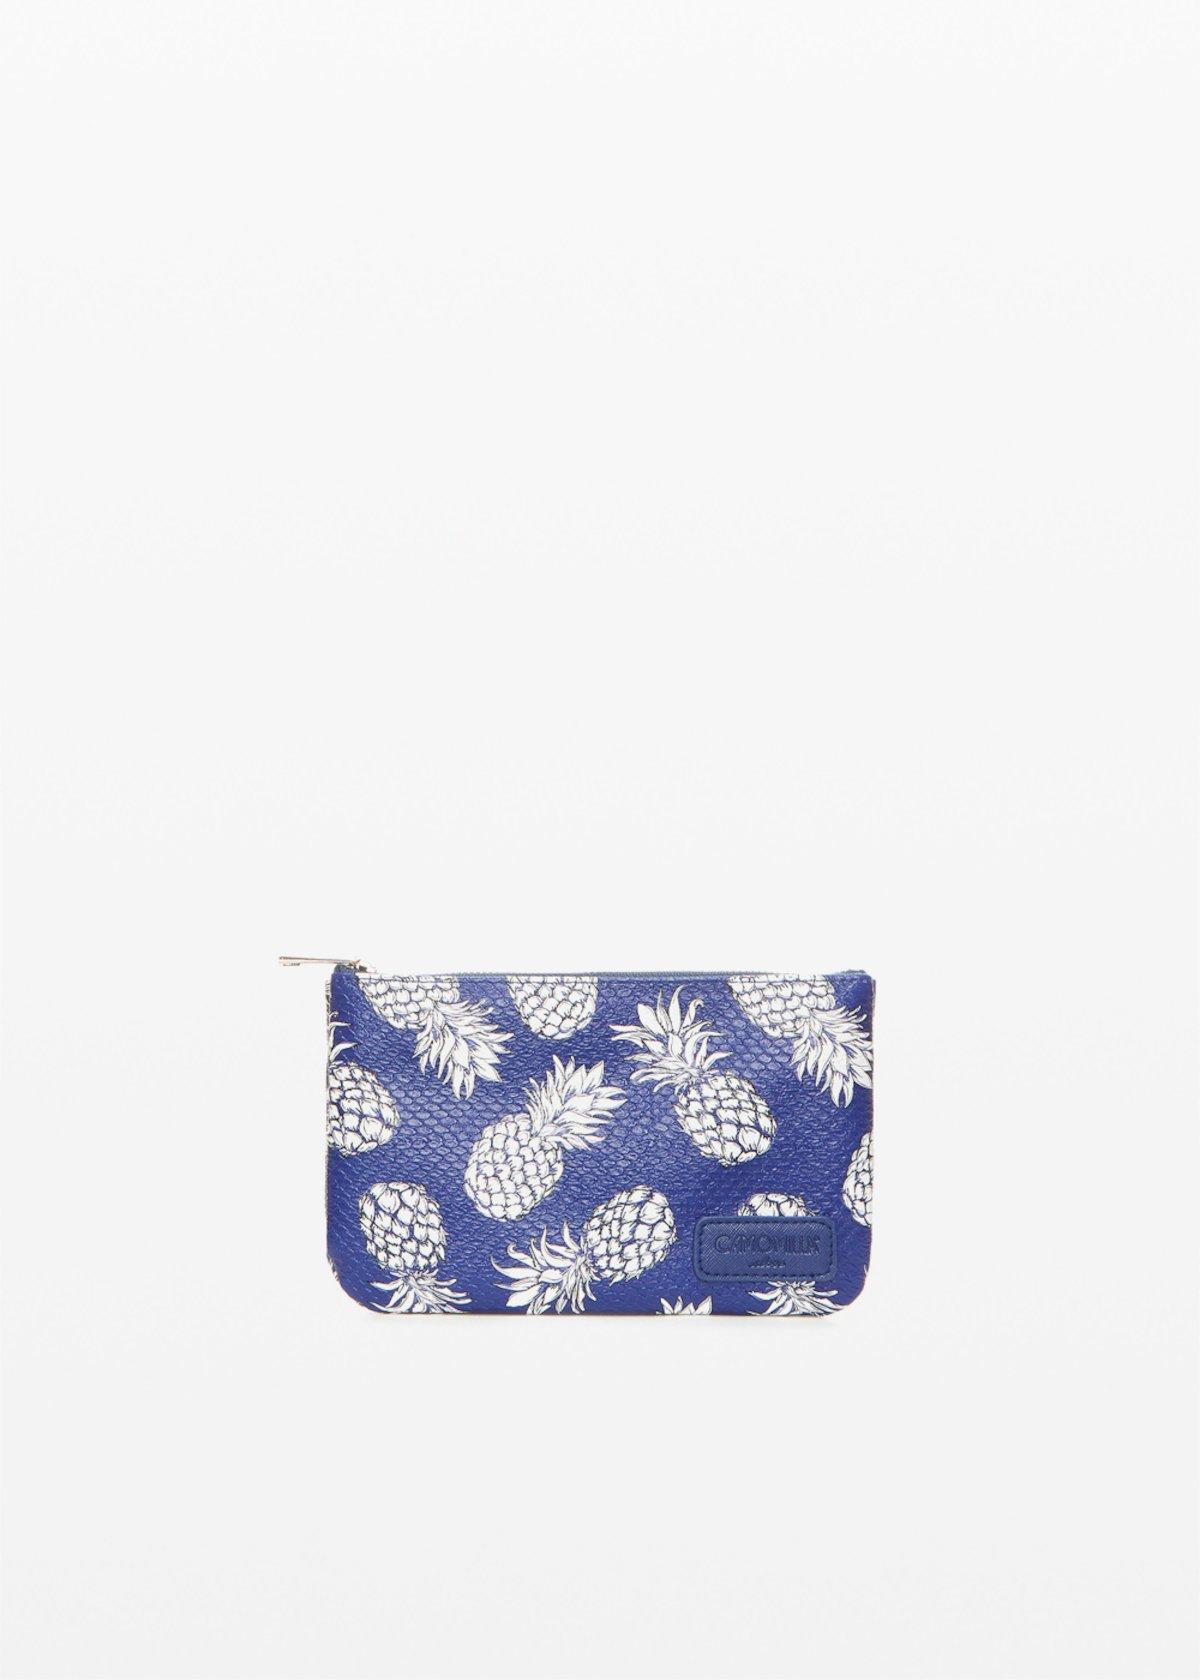 Small bag Tongapine con taschino sul retro - Night Fantasia - Donna - Immagine categoria